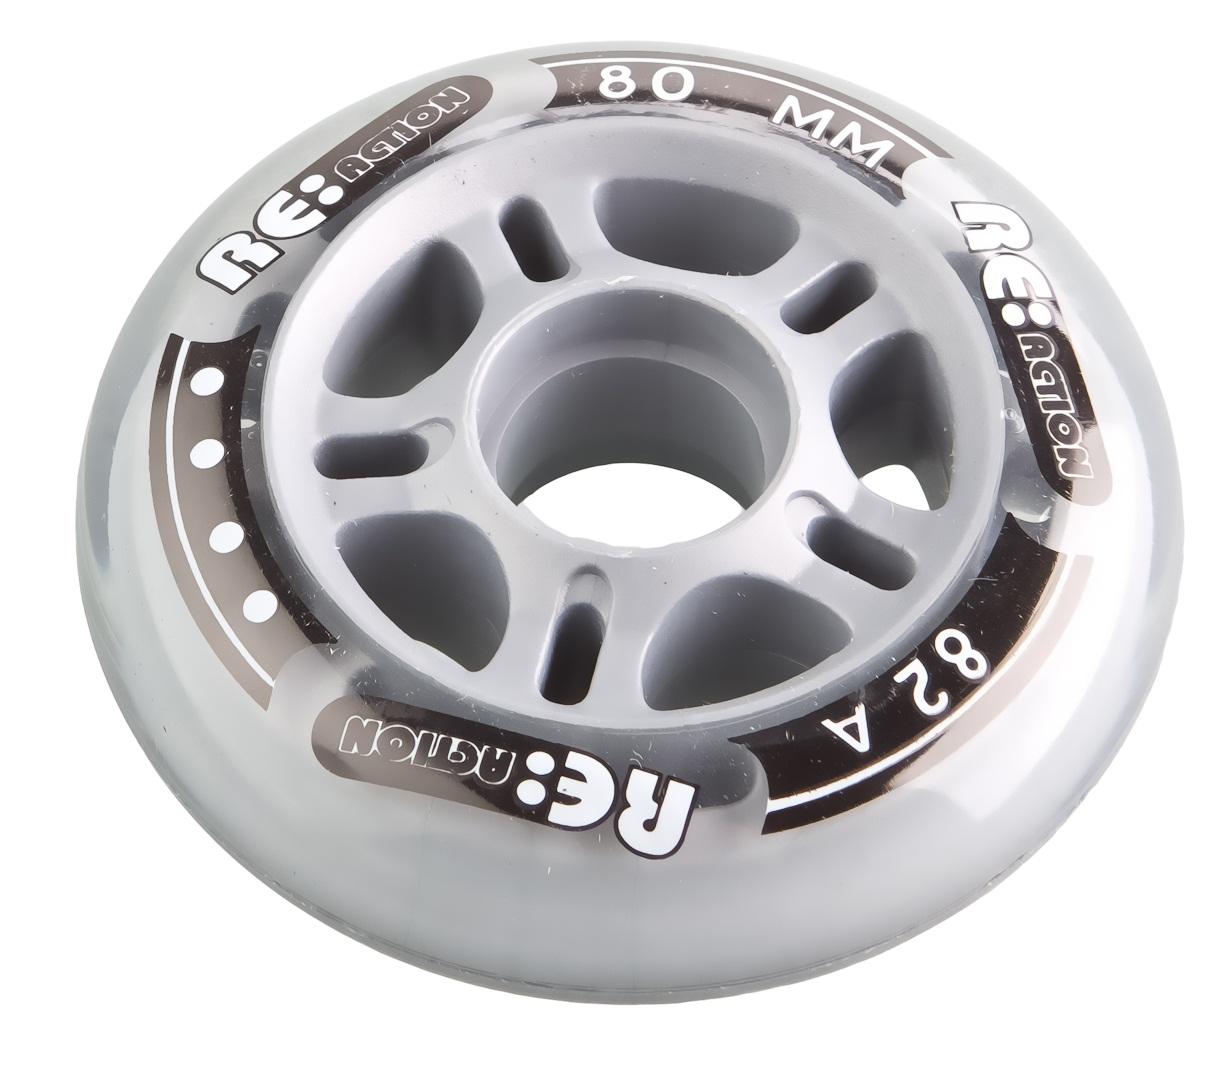 Reaction Набор колес для роликов REACTION 80 мм, 82А, 4 шт